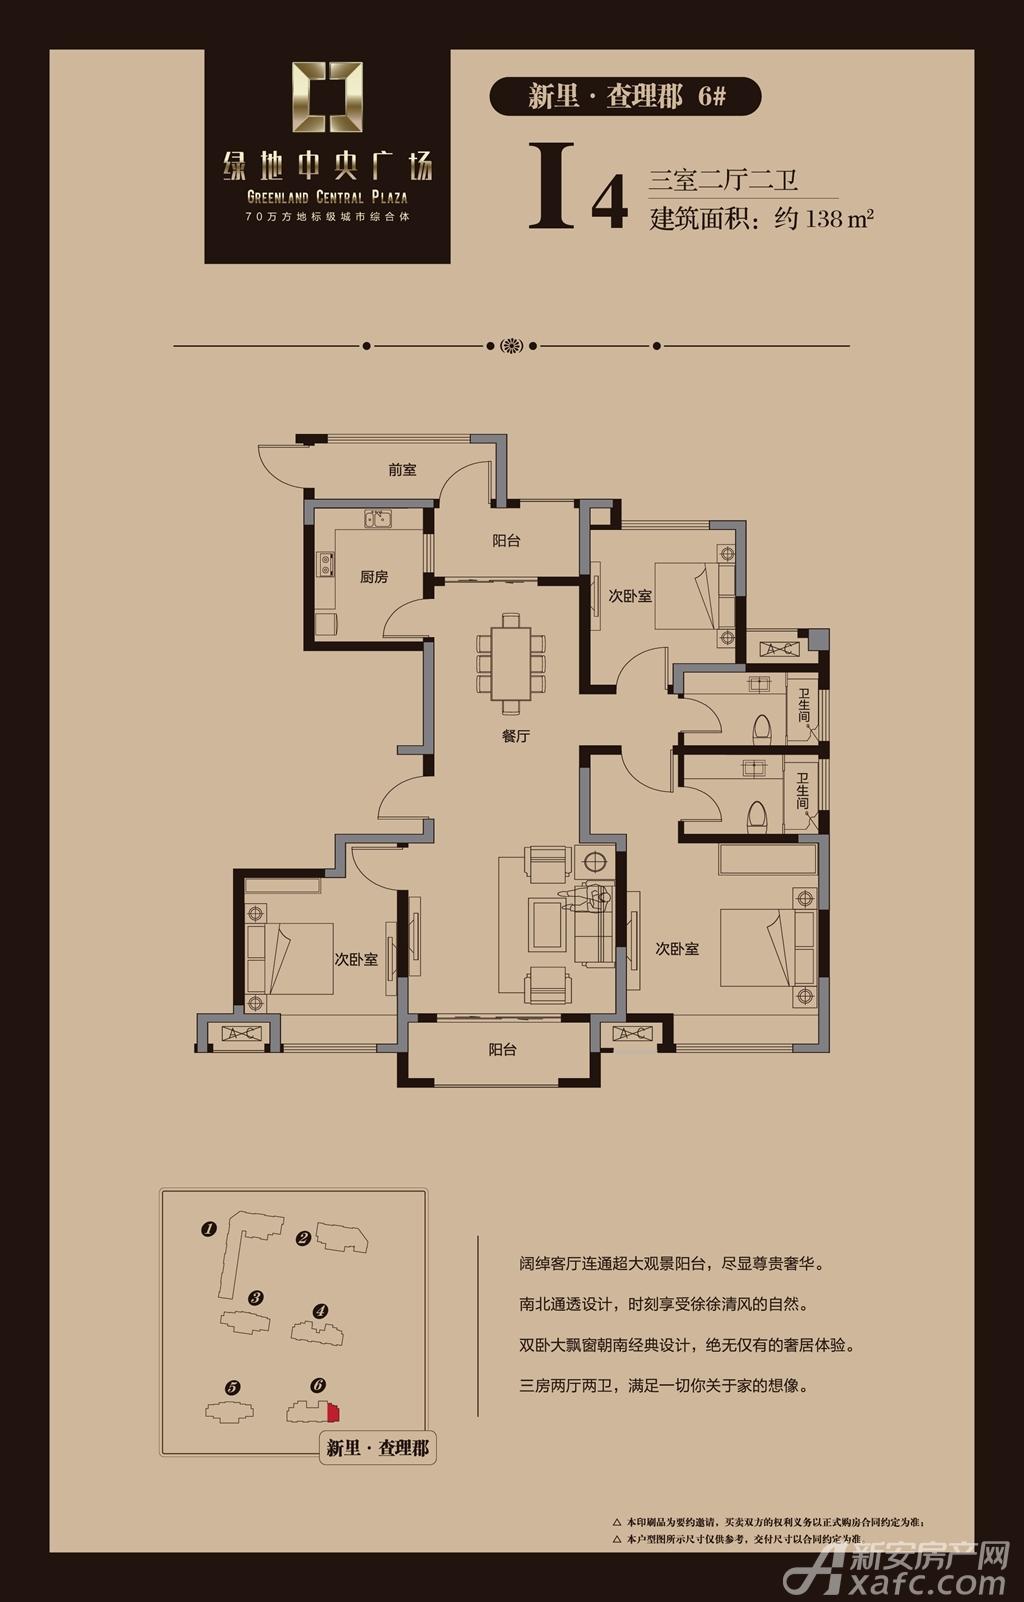 绿地中央广场查理郡I4户型3室2厅138平米